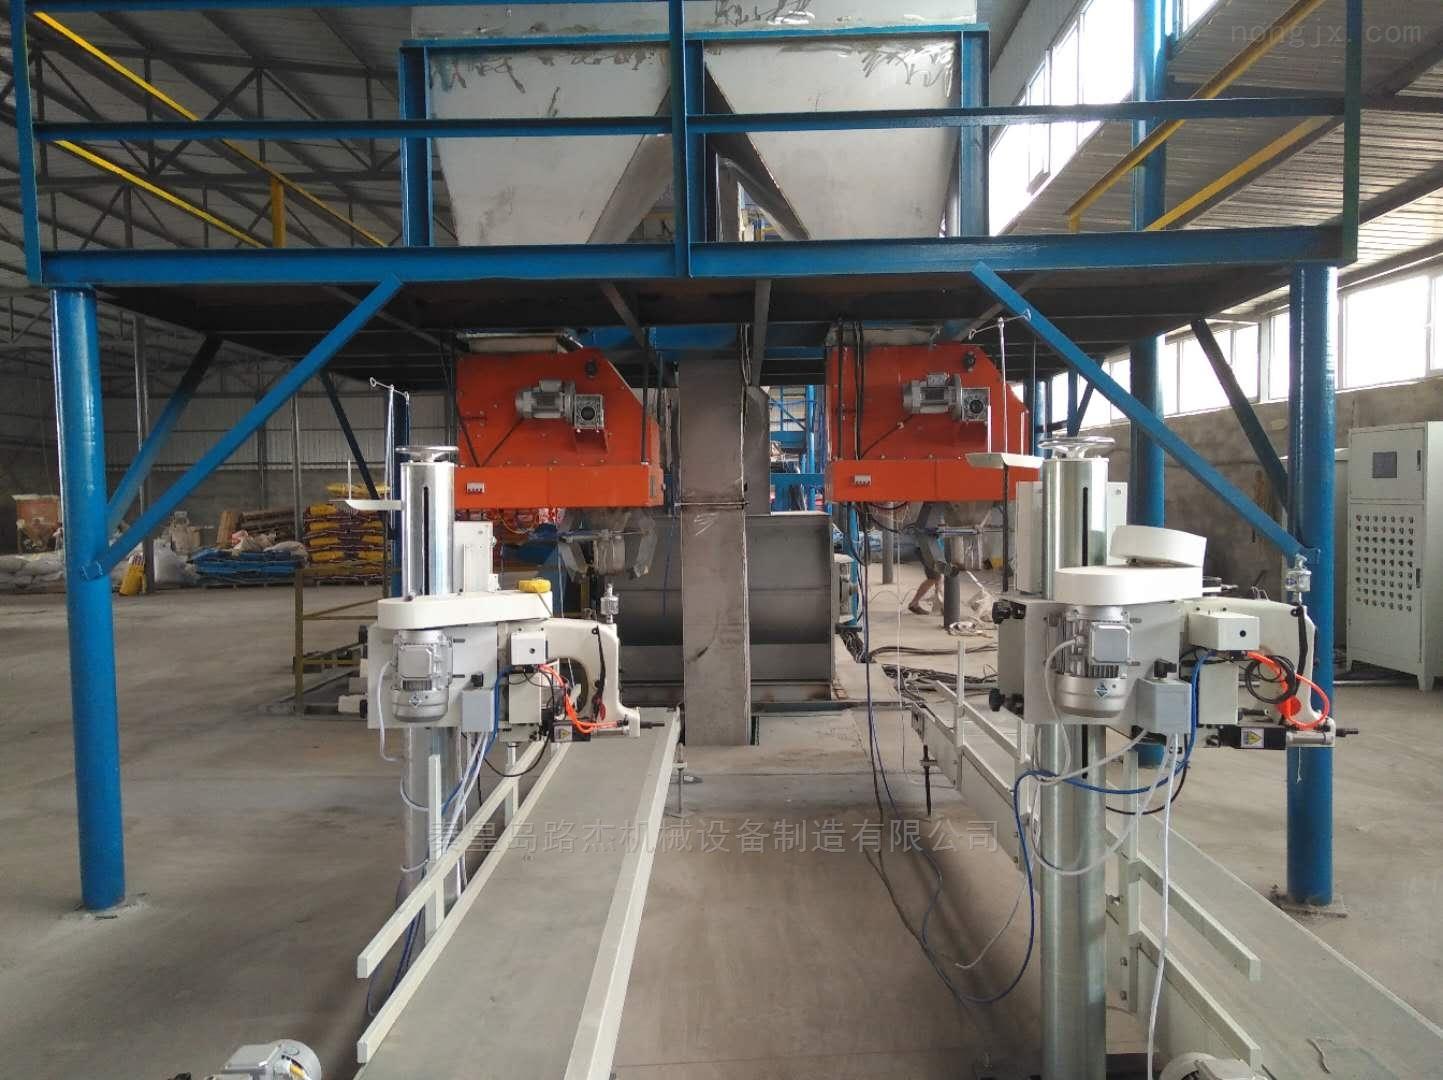 内蒙古滴灌肥加工设备粉状肥生产设备